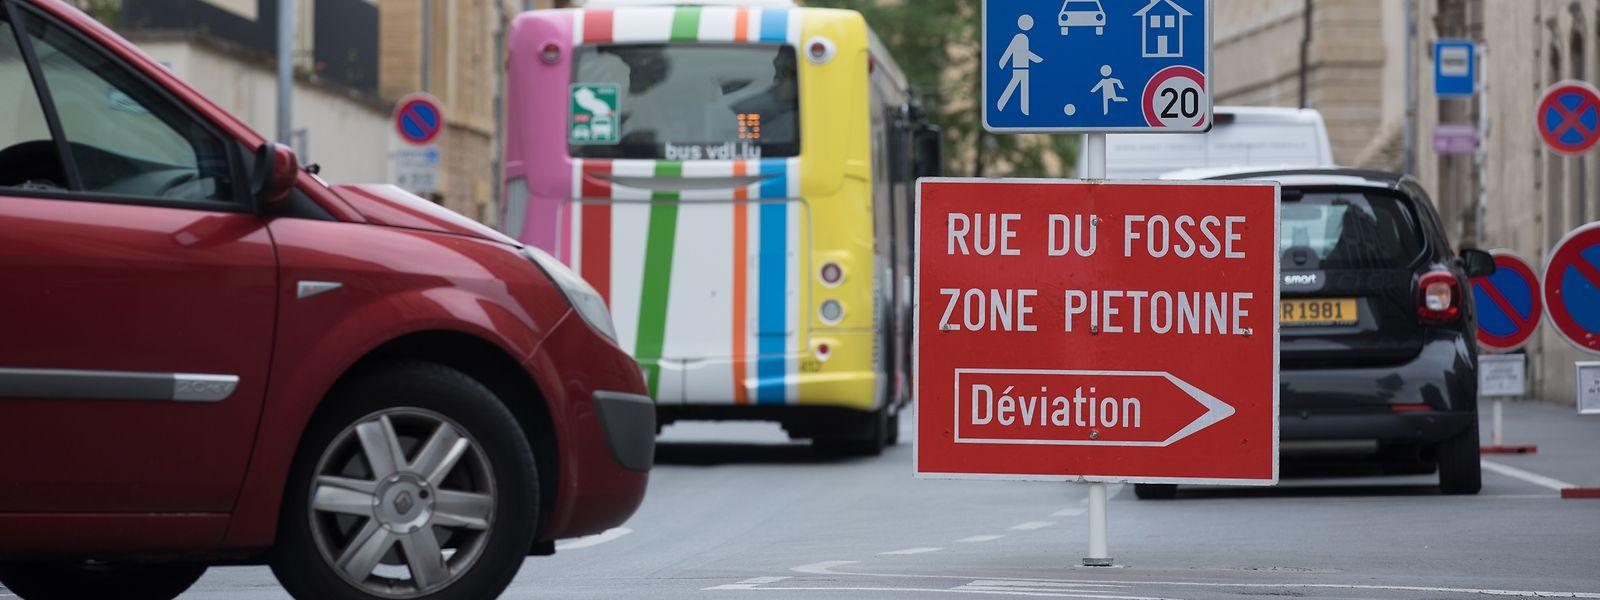 Die Rue du Fossé ist gesperrt - vorerst bis zum 30. September.